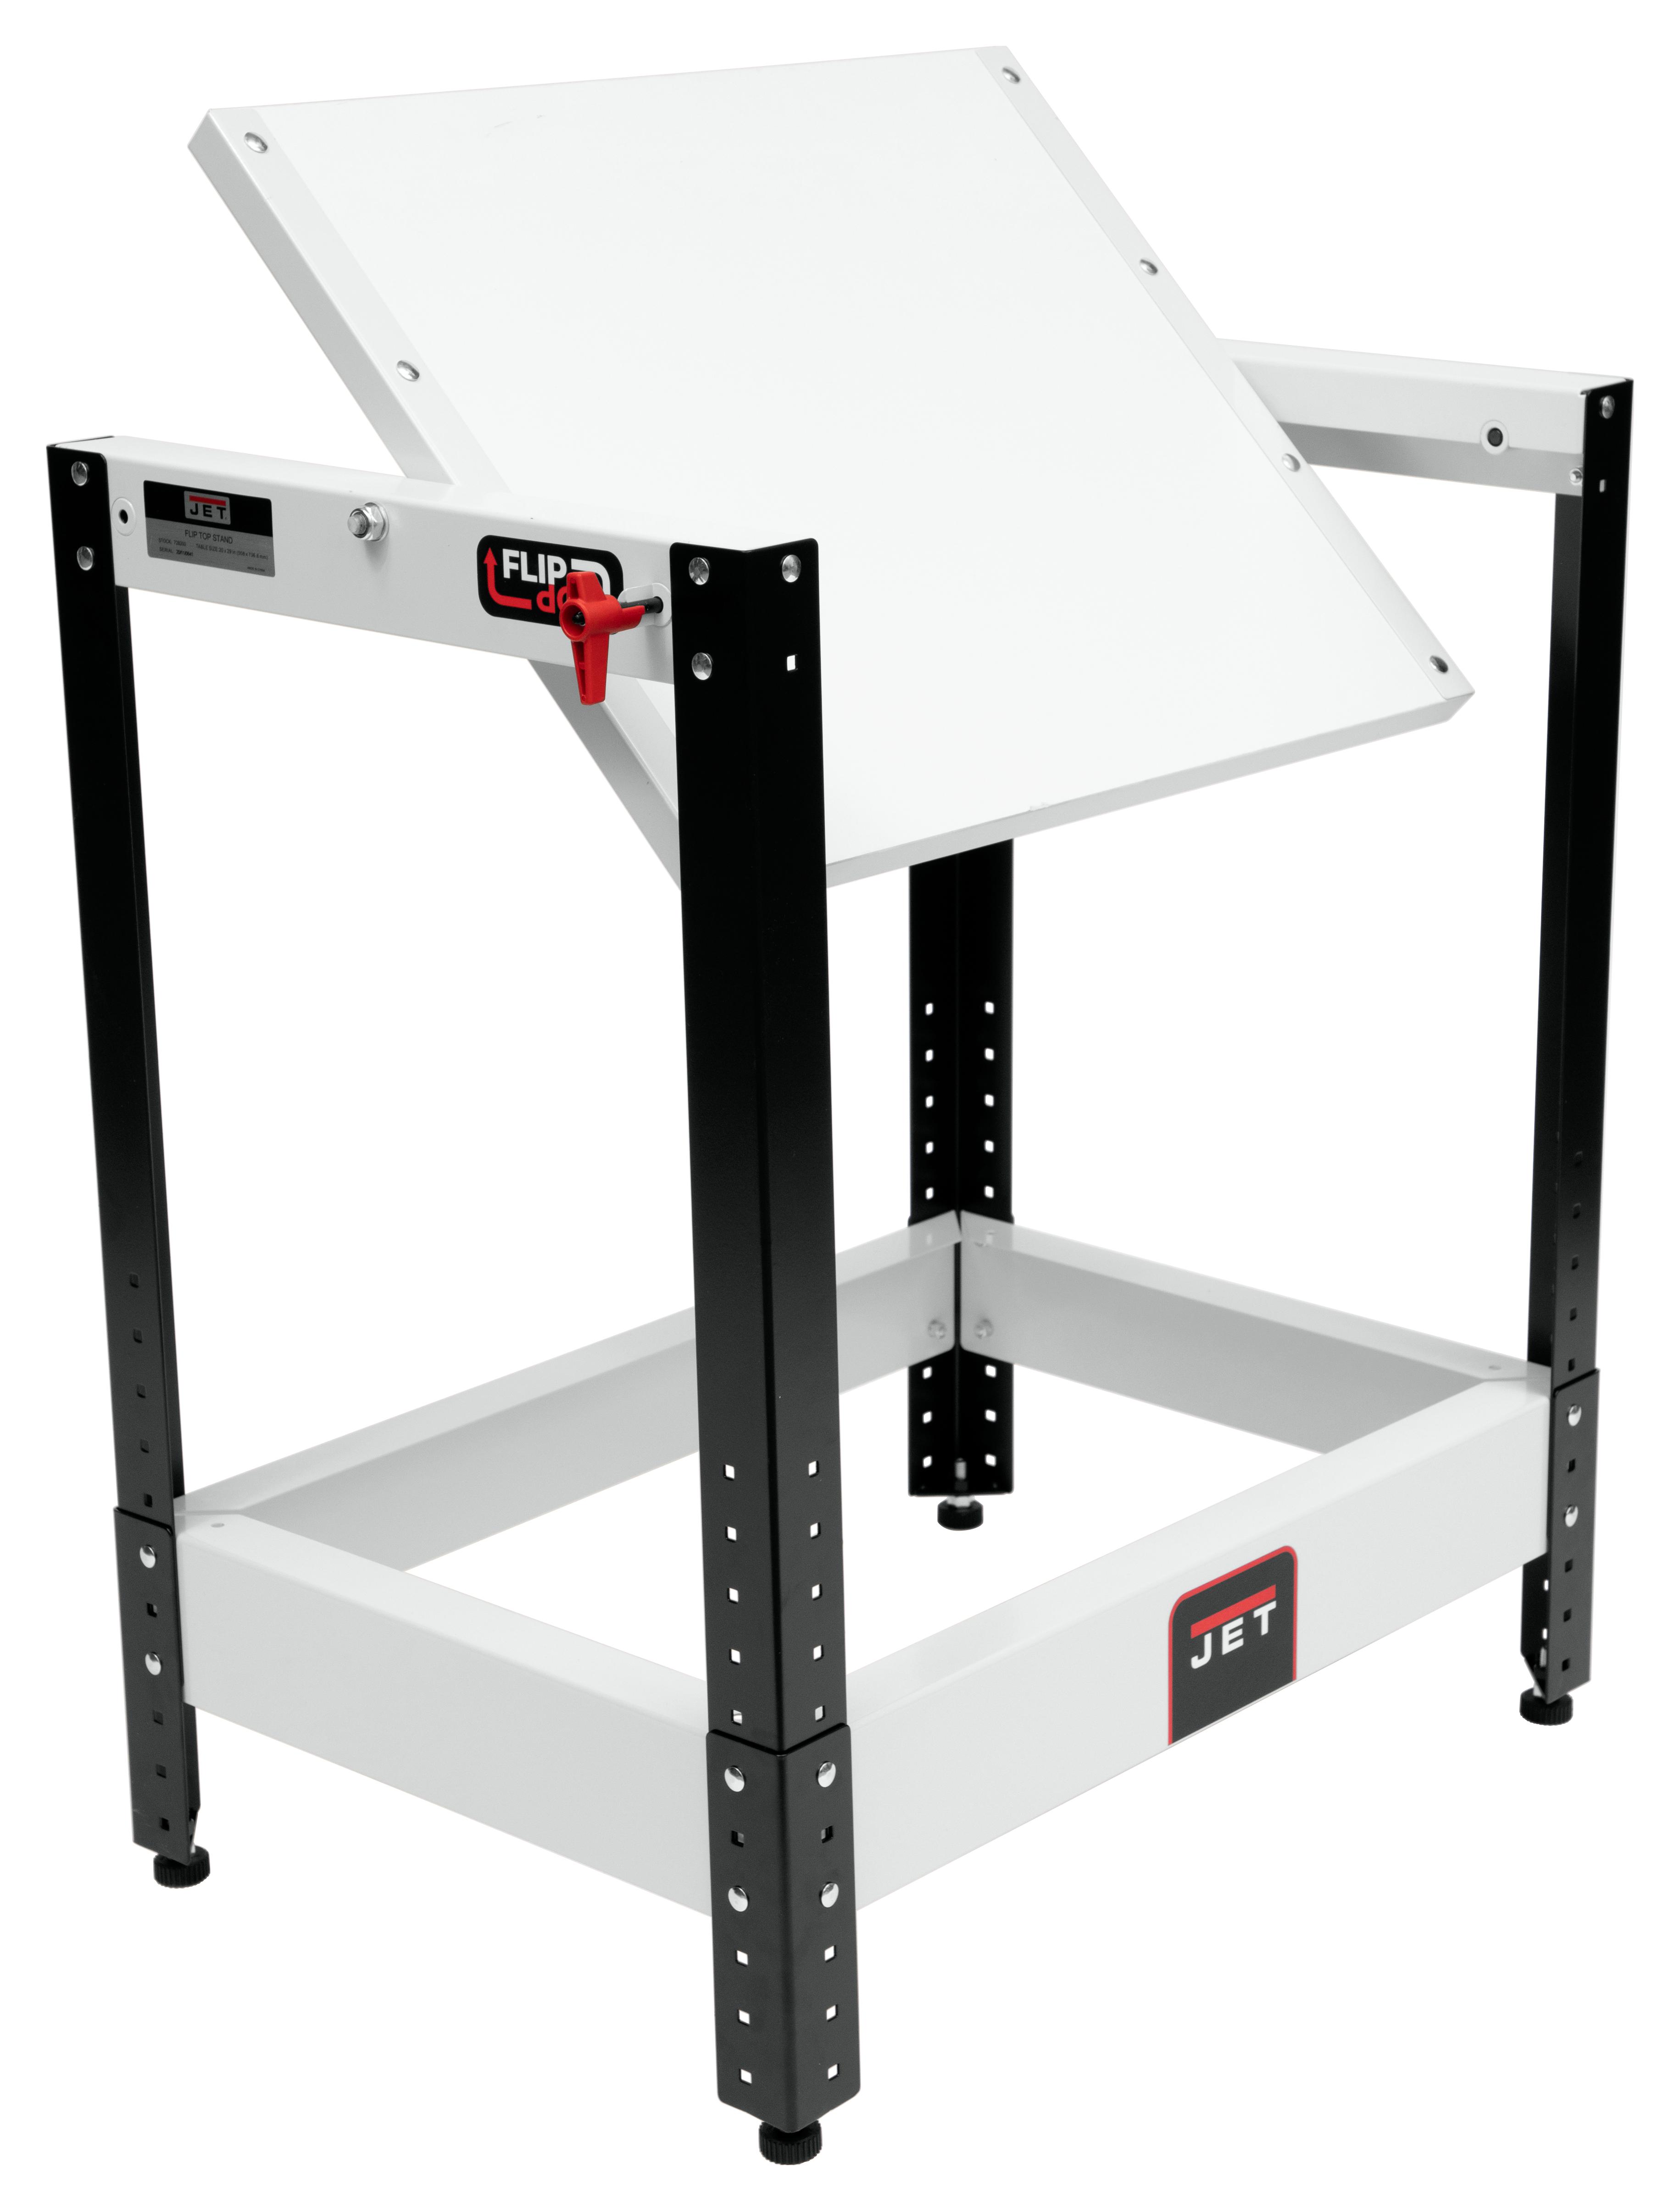 JET Flip Top Benchtop Machine Table